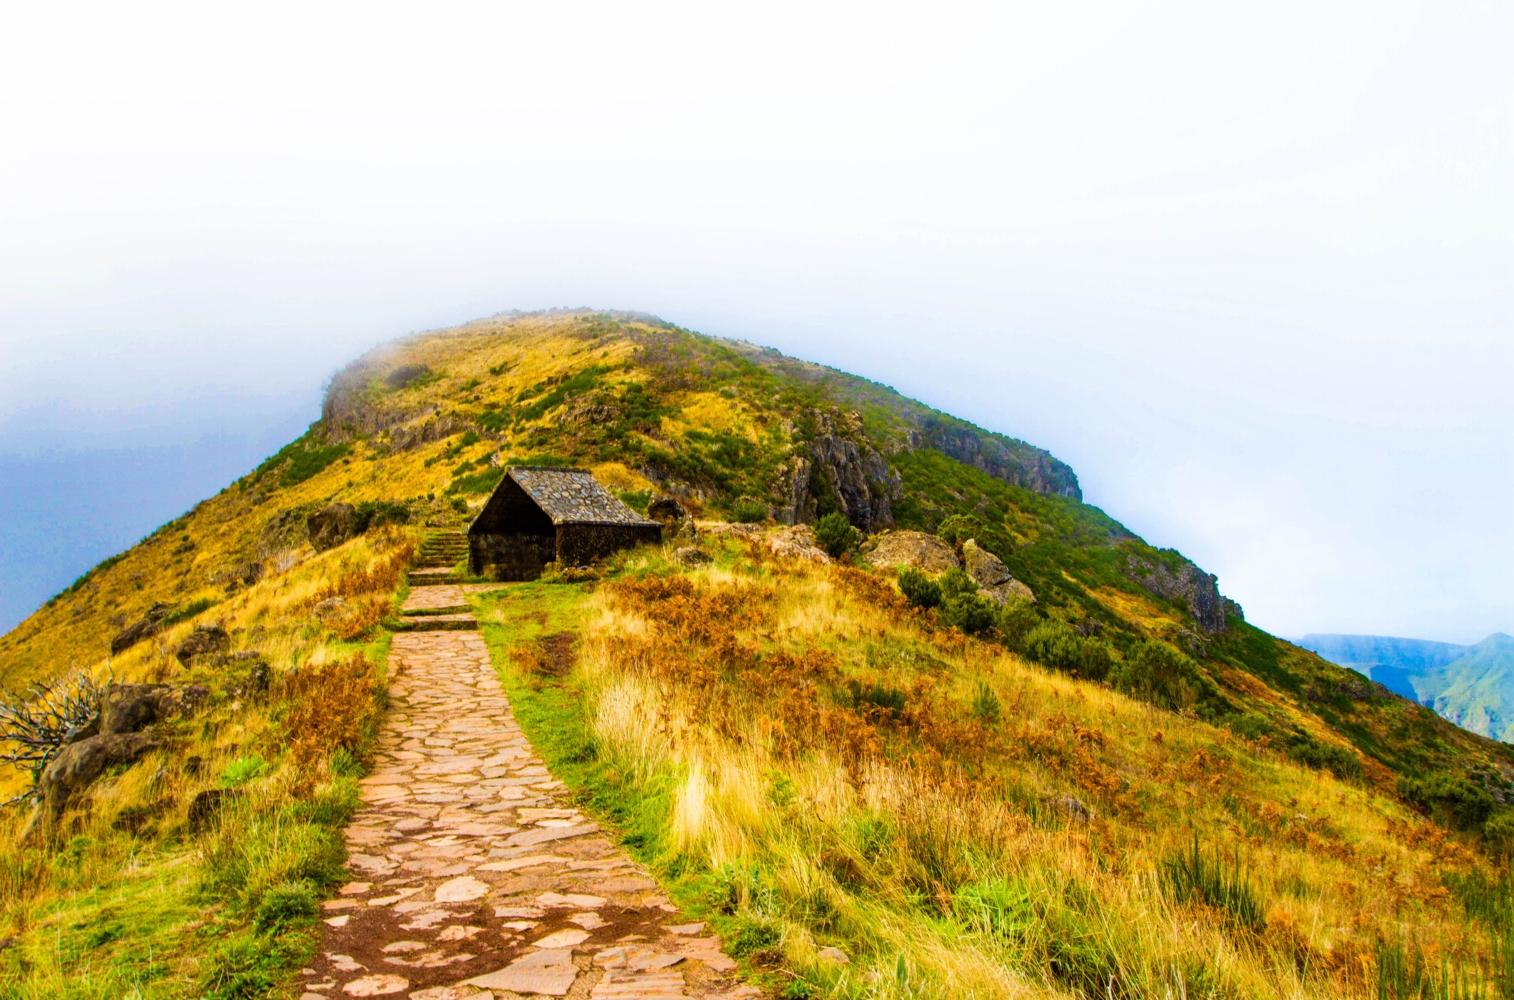 caminhada pelos picos da Madeira